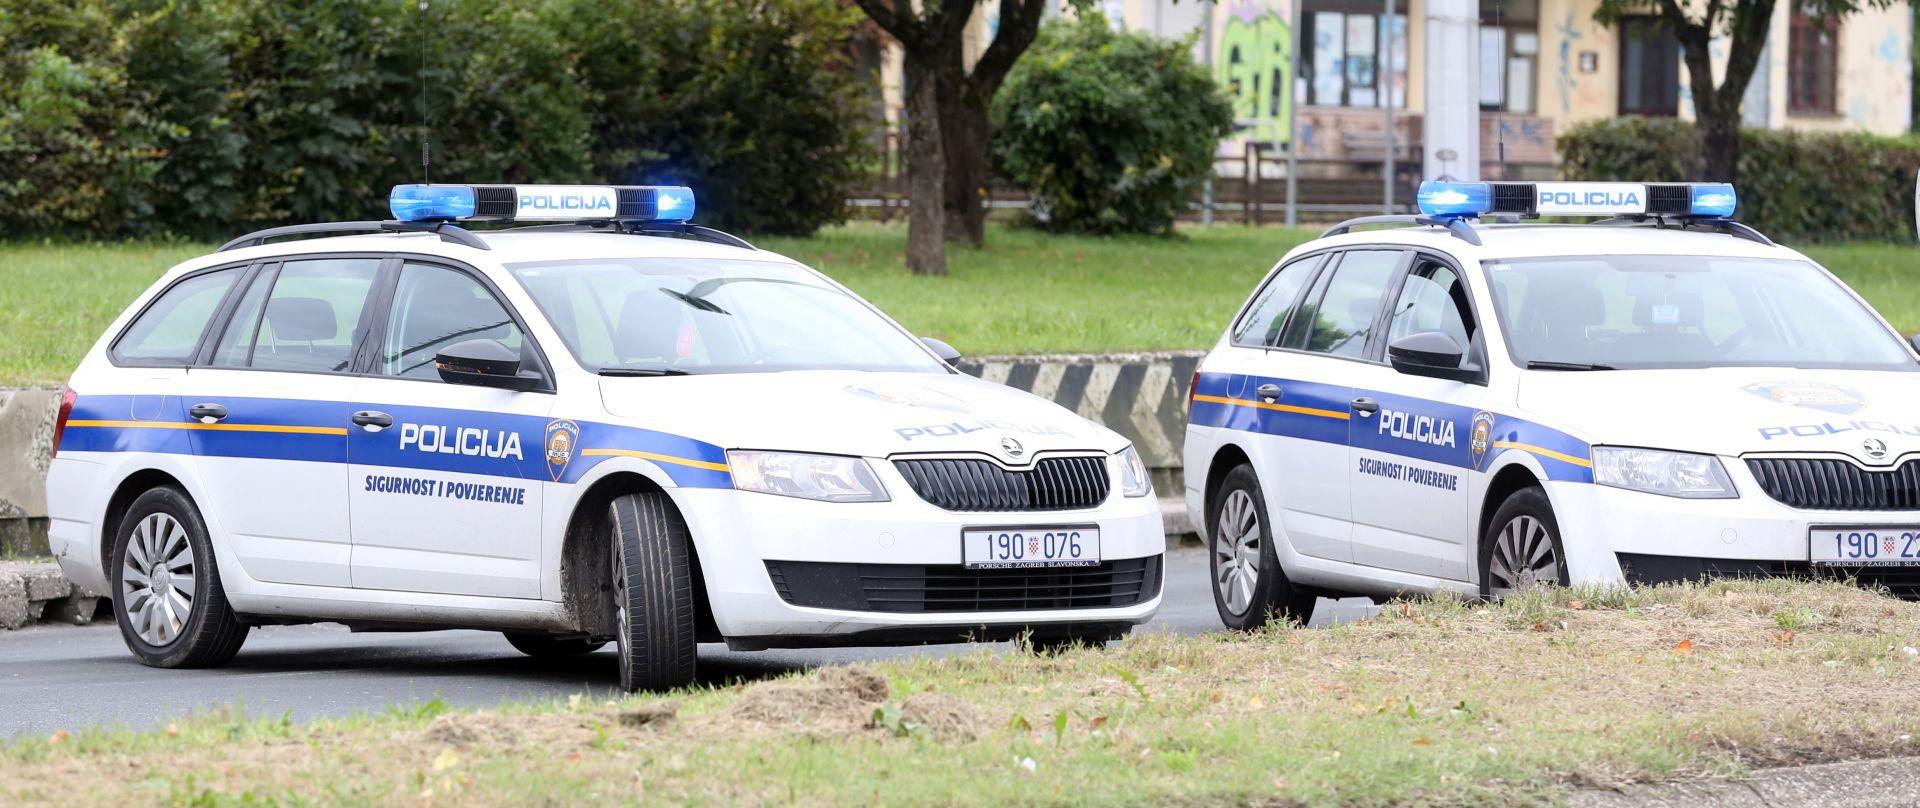 NAVODNO STUDENTI VELEUČILIŠTA Brutalno pretučen 19-godišnjak u Šibeniku, policija traga za dva napadača